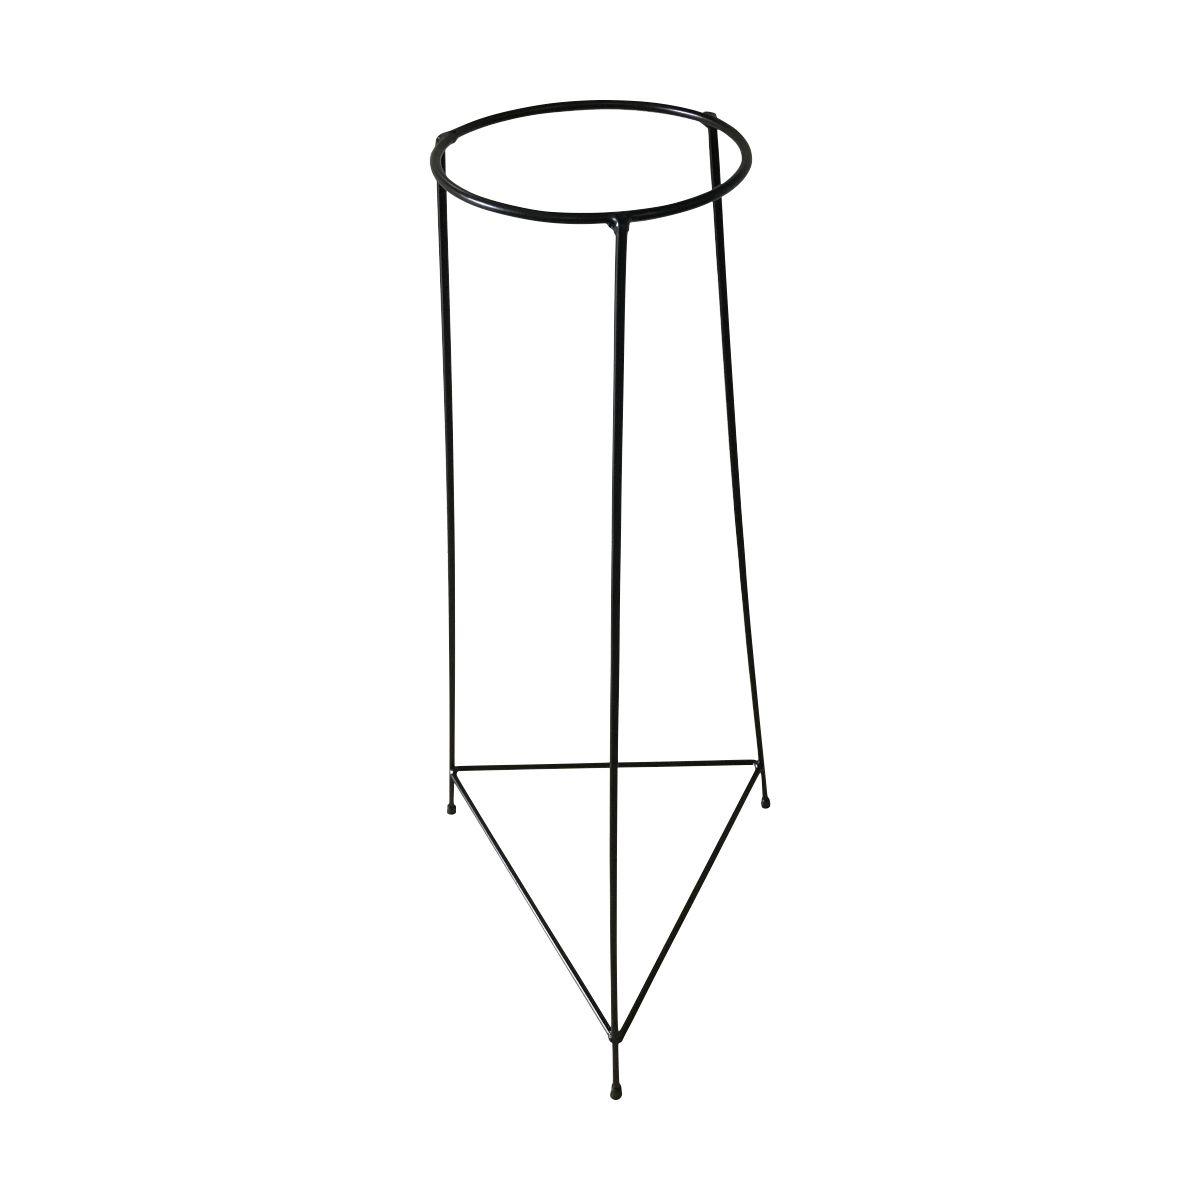 Suporte Tripé Triangular Preto 80cm para Vaso Autoirigável Grande N04 Raiz